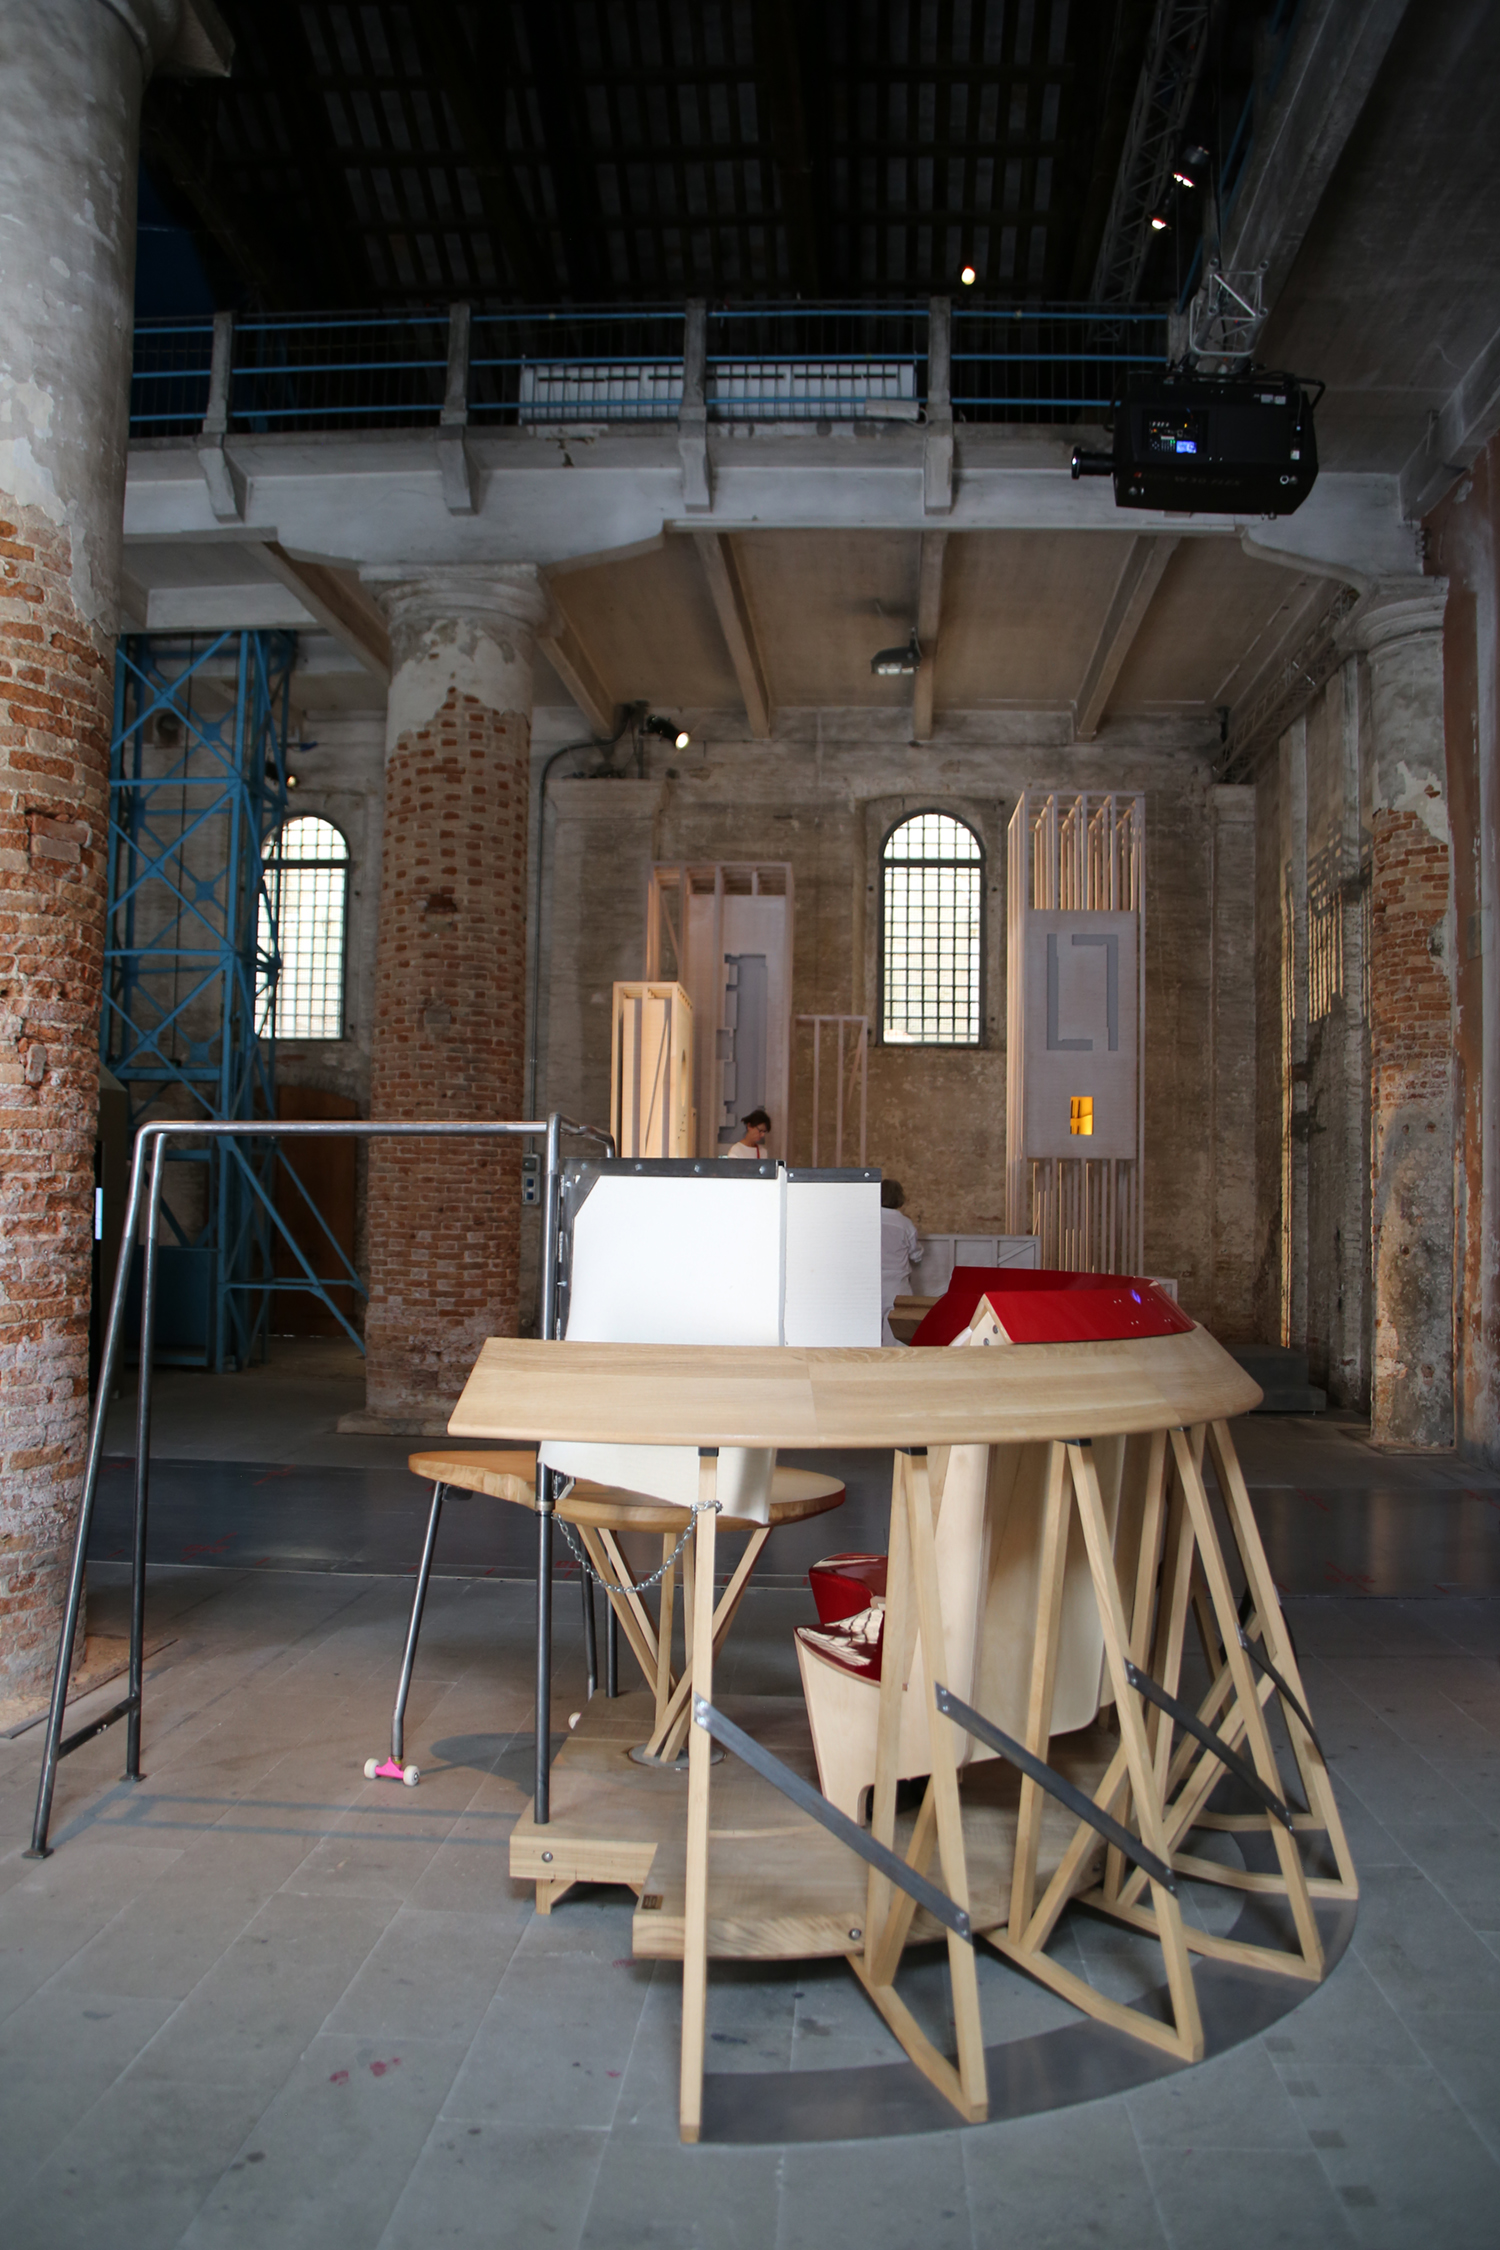 biennale architecture venise 2018 459.JPG